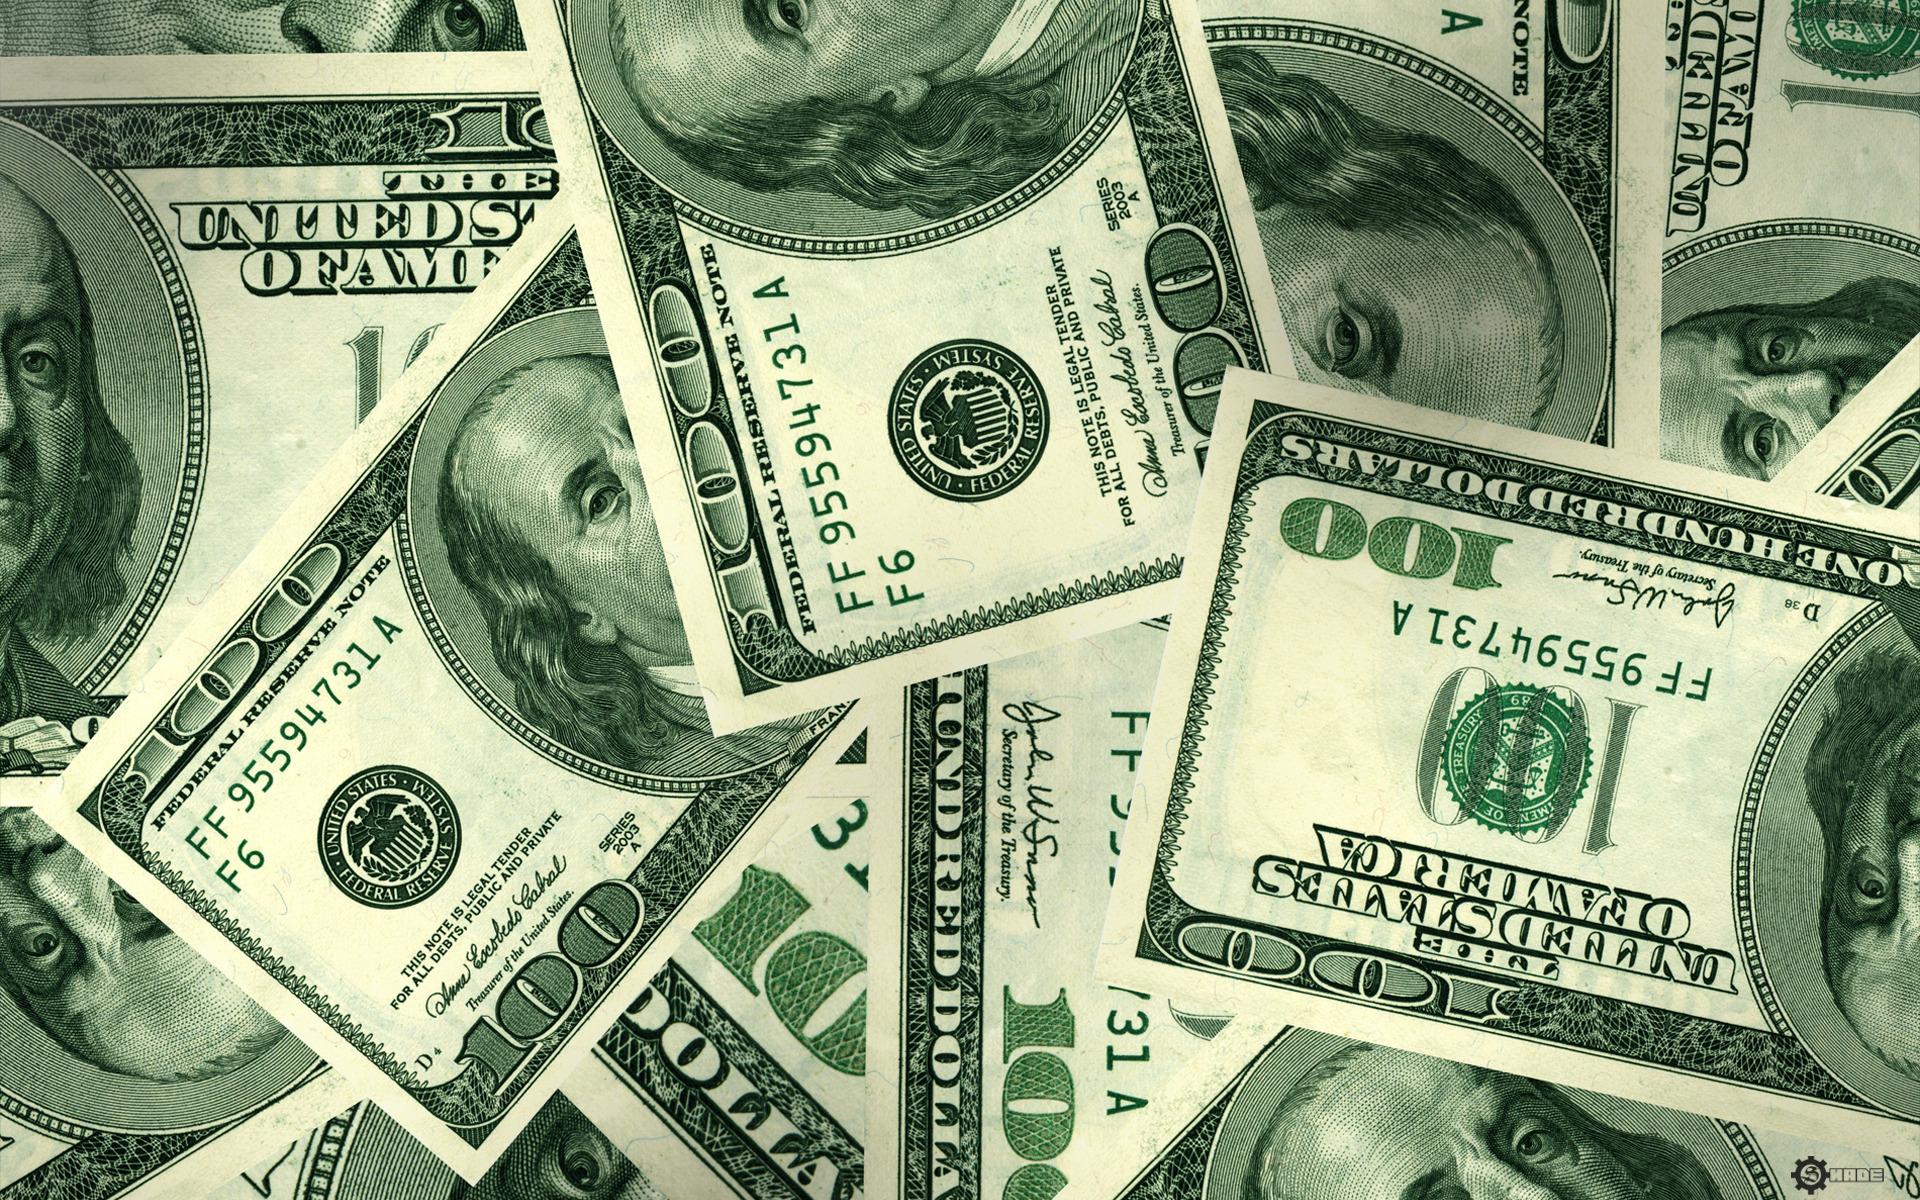 доллары, скачать обои для рабочего стола, dollars, wallpaper